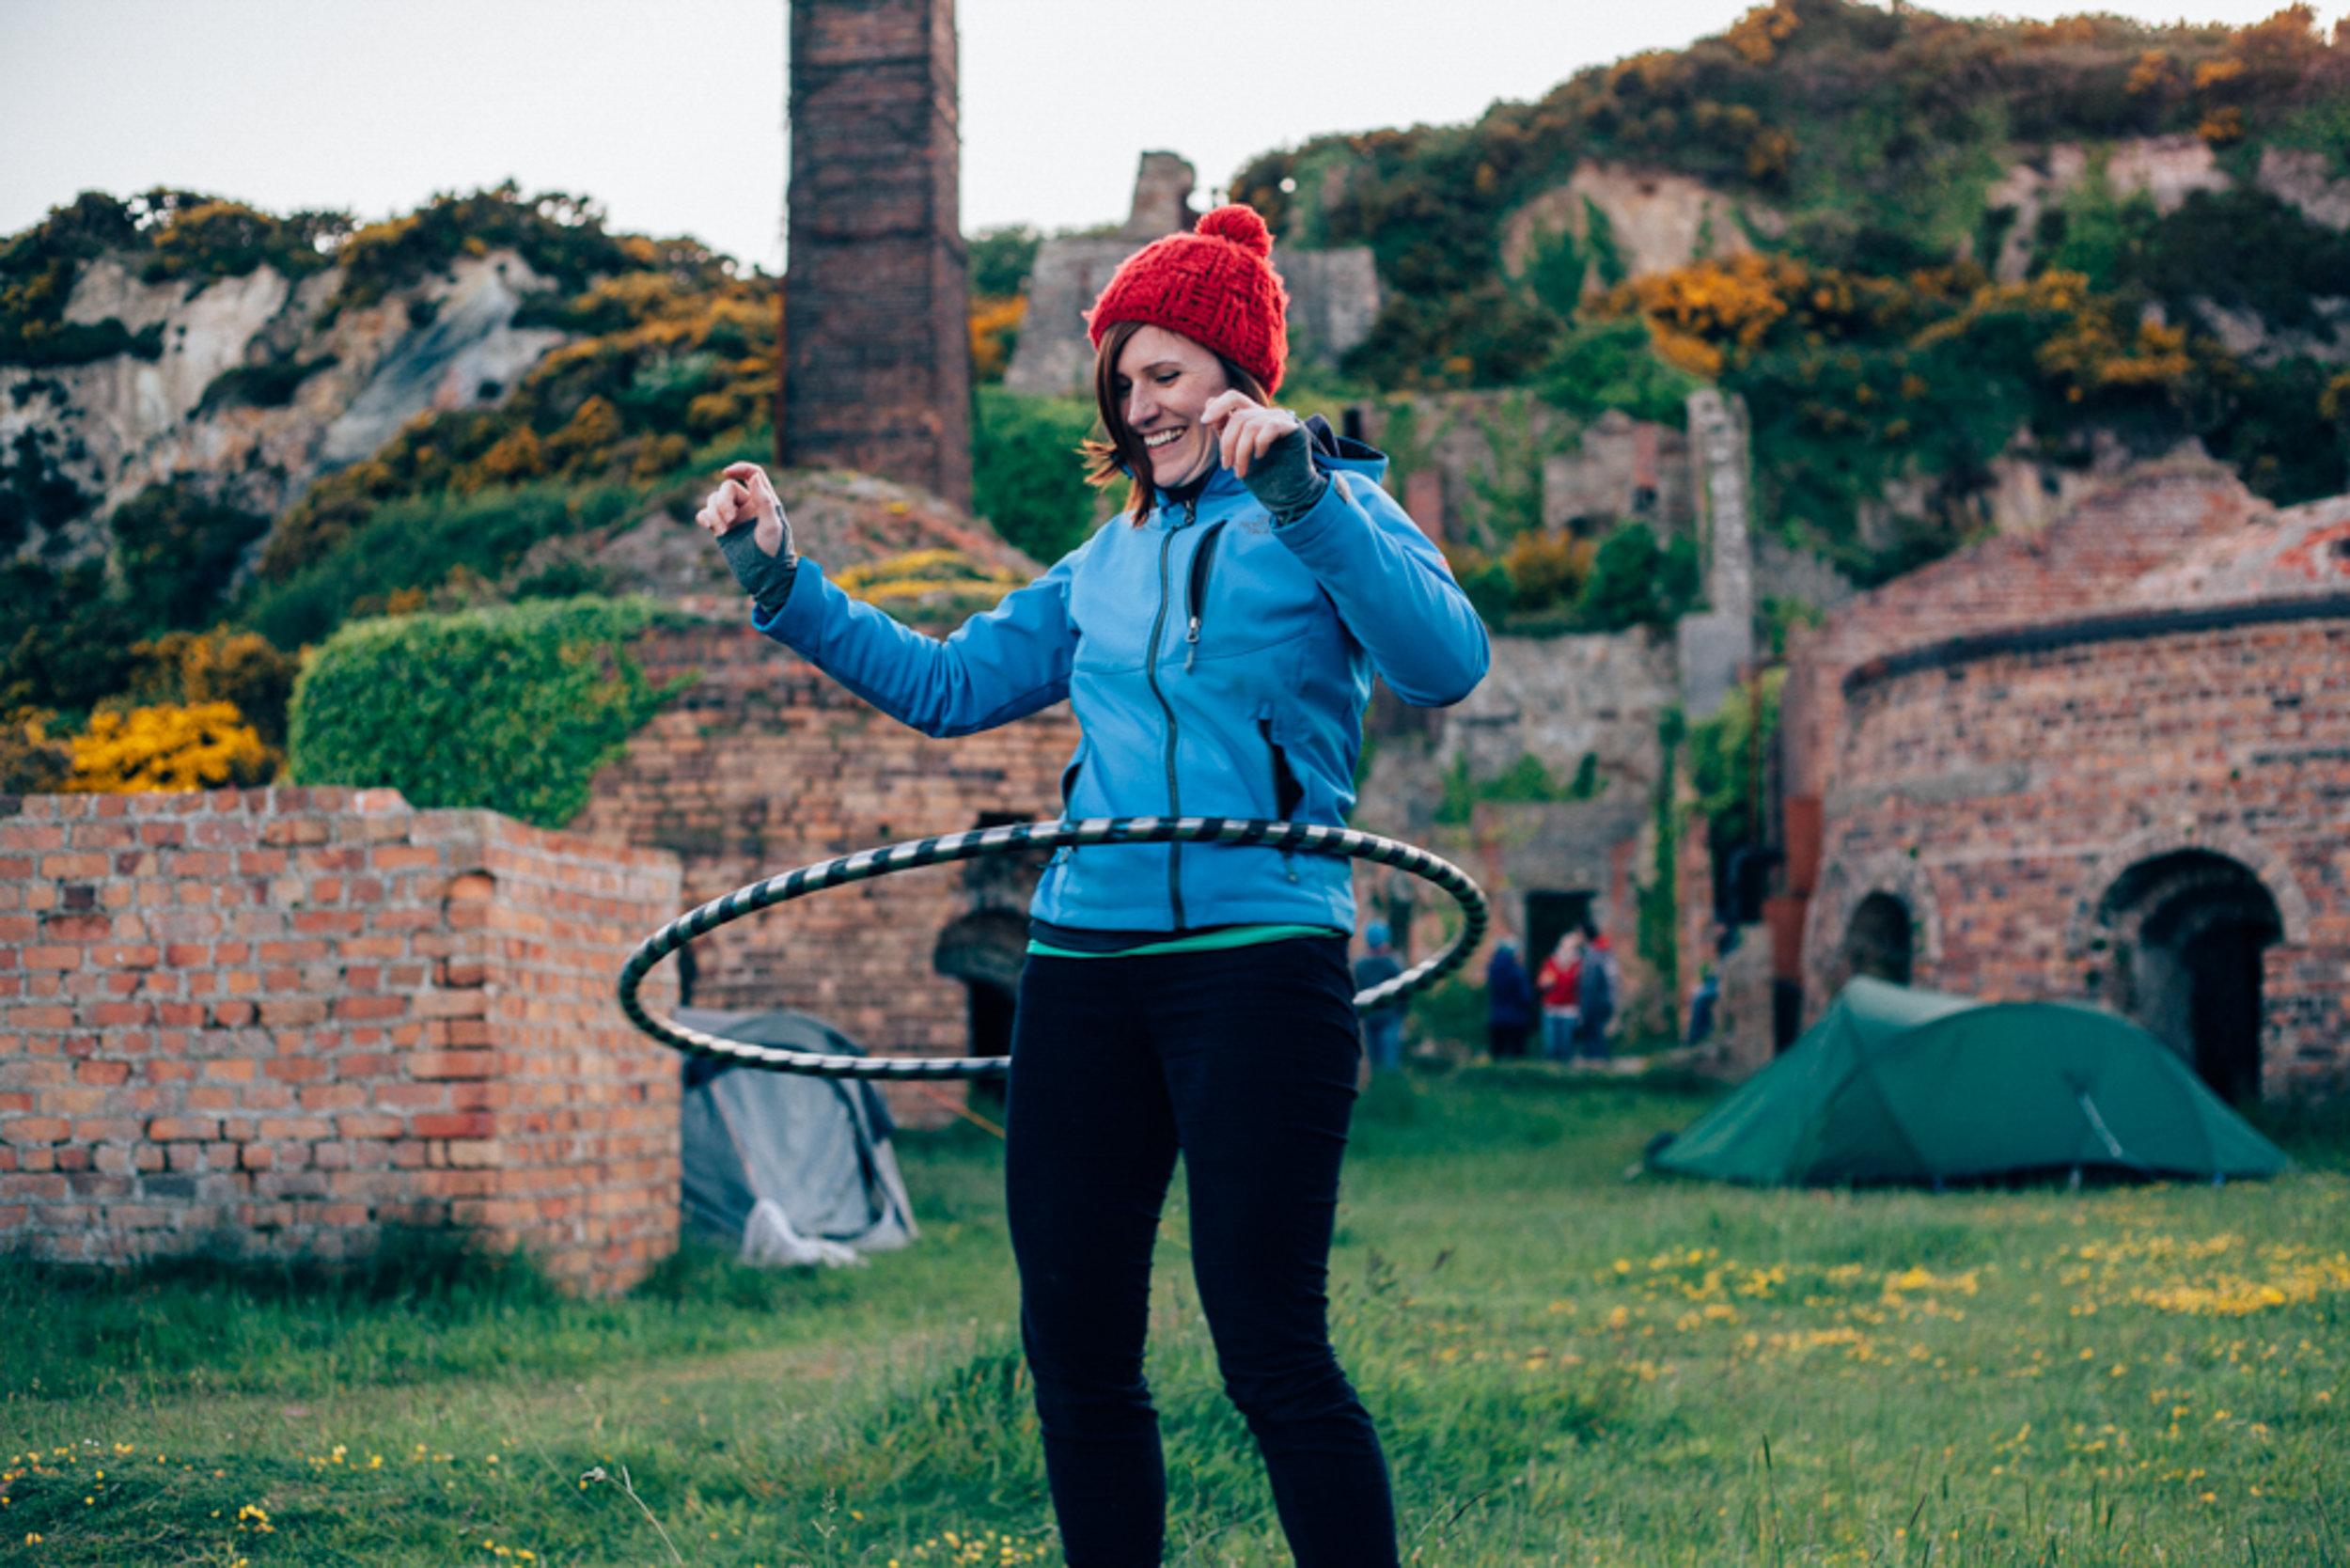 Girl Hula Hoop.jpg